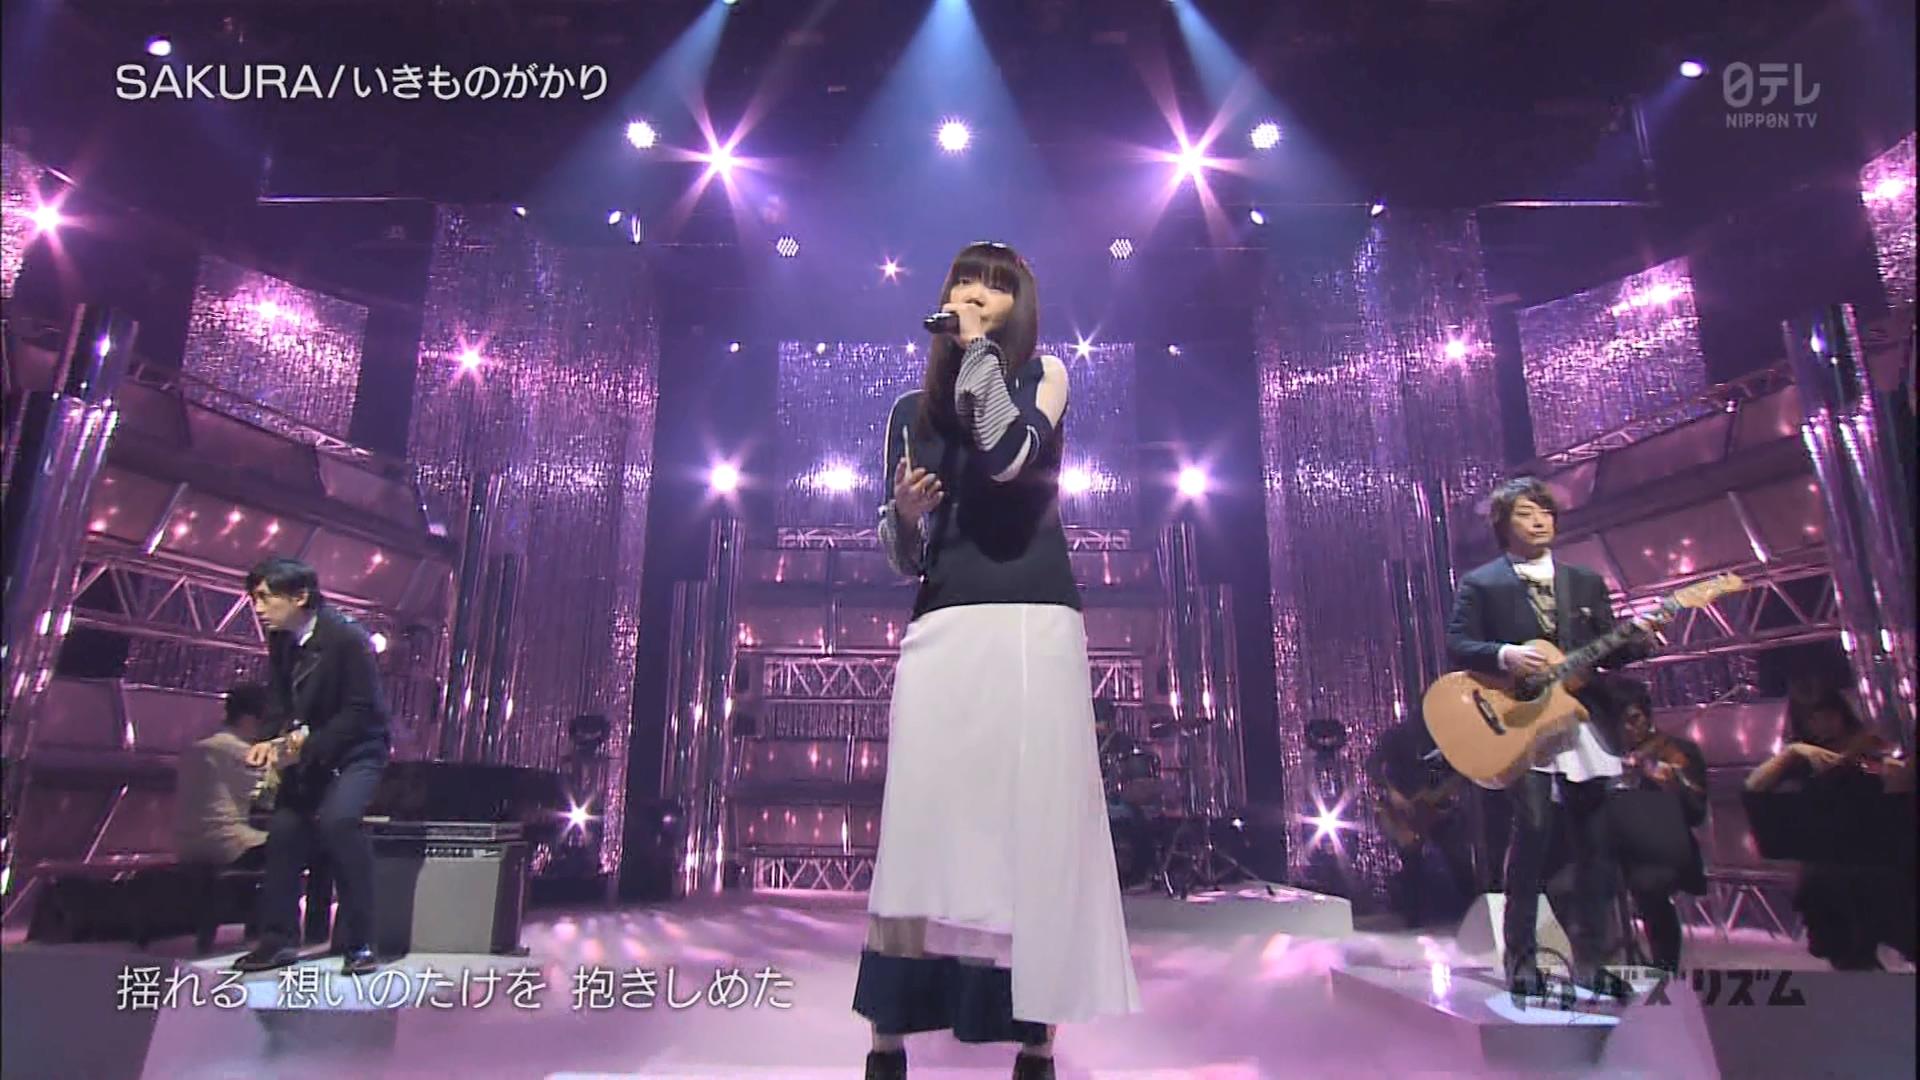 2016.03.11 全場(バズリズム).ts_20160312_021449.349